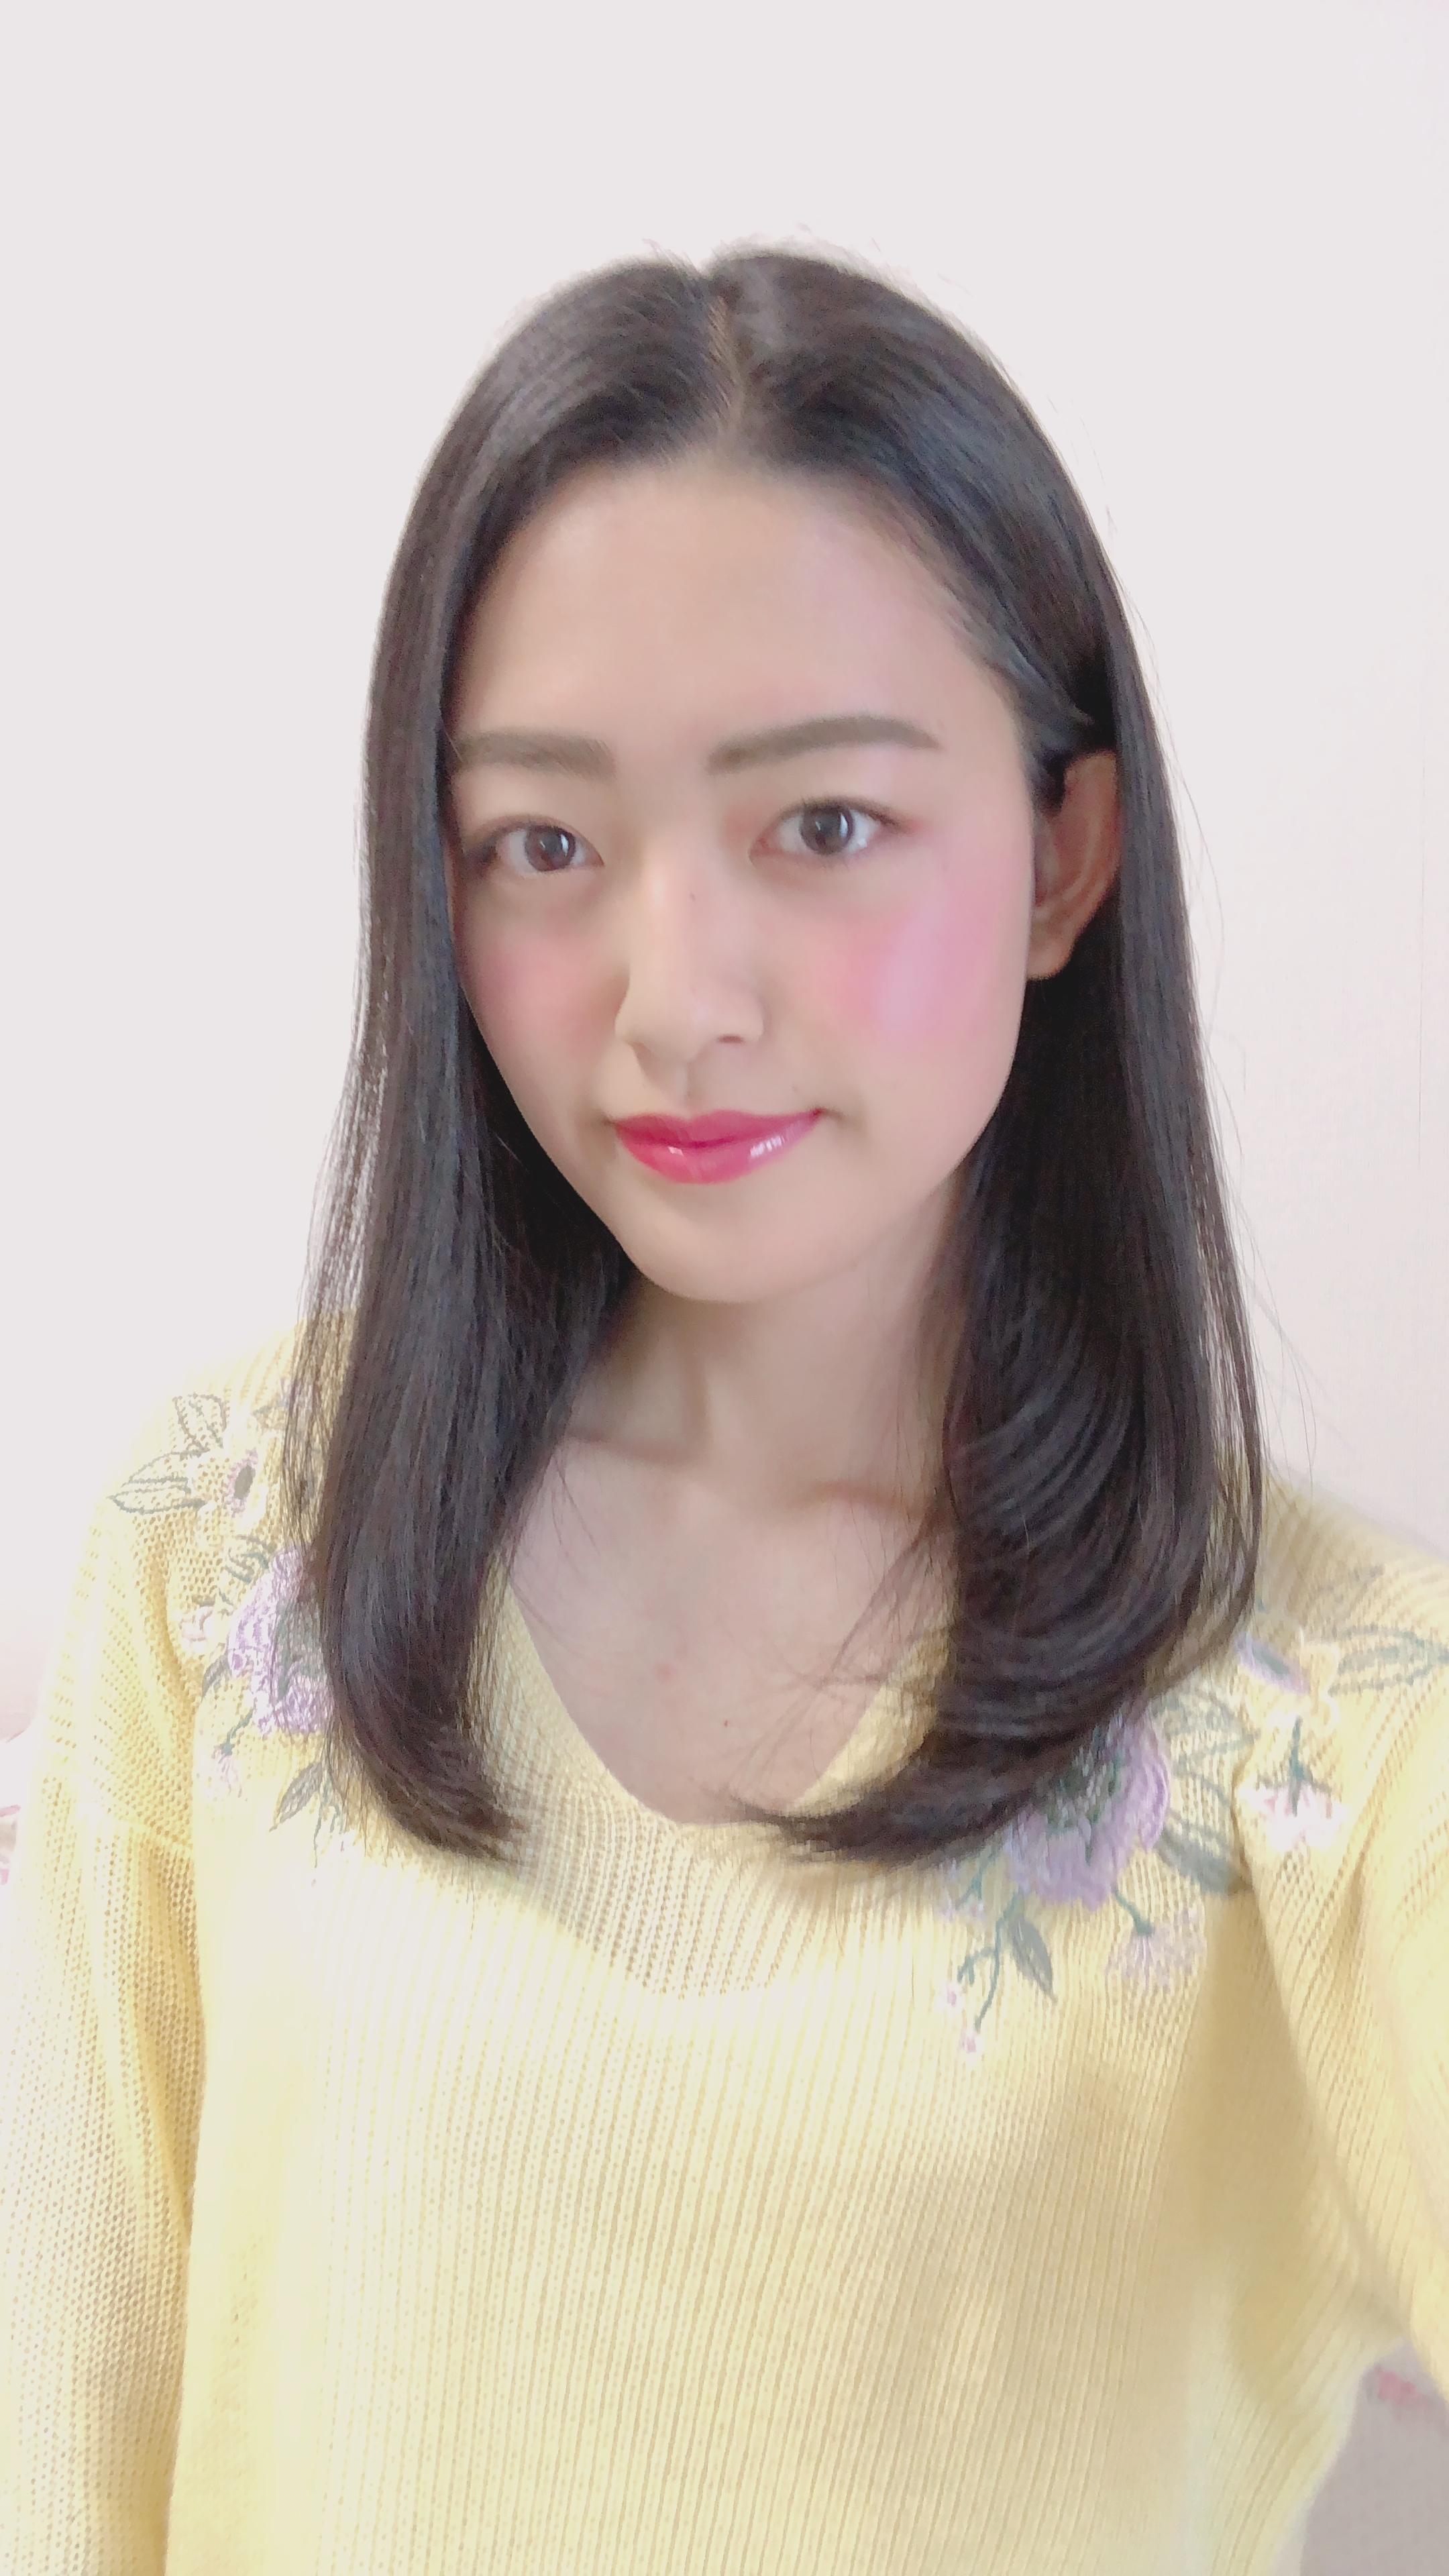 ハホニコトリートメント♡_1_2-1